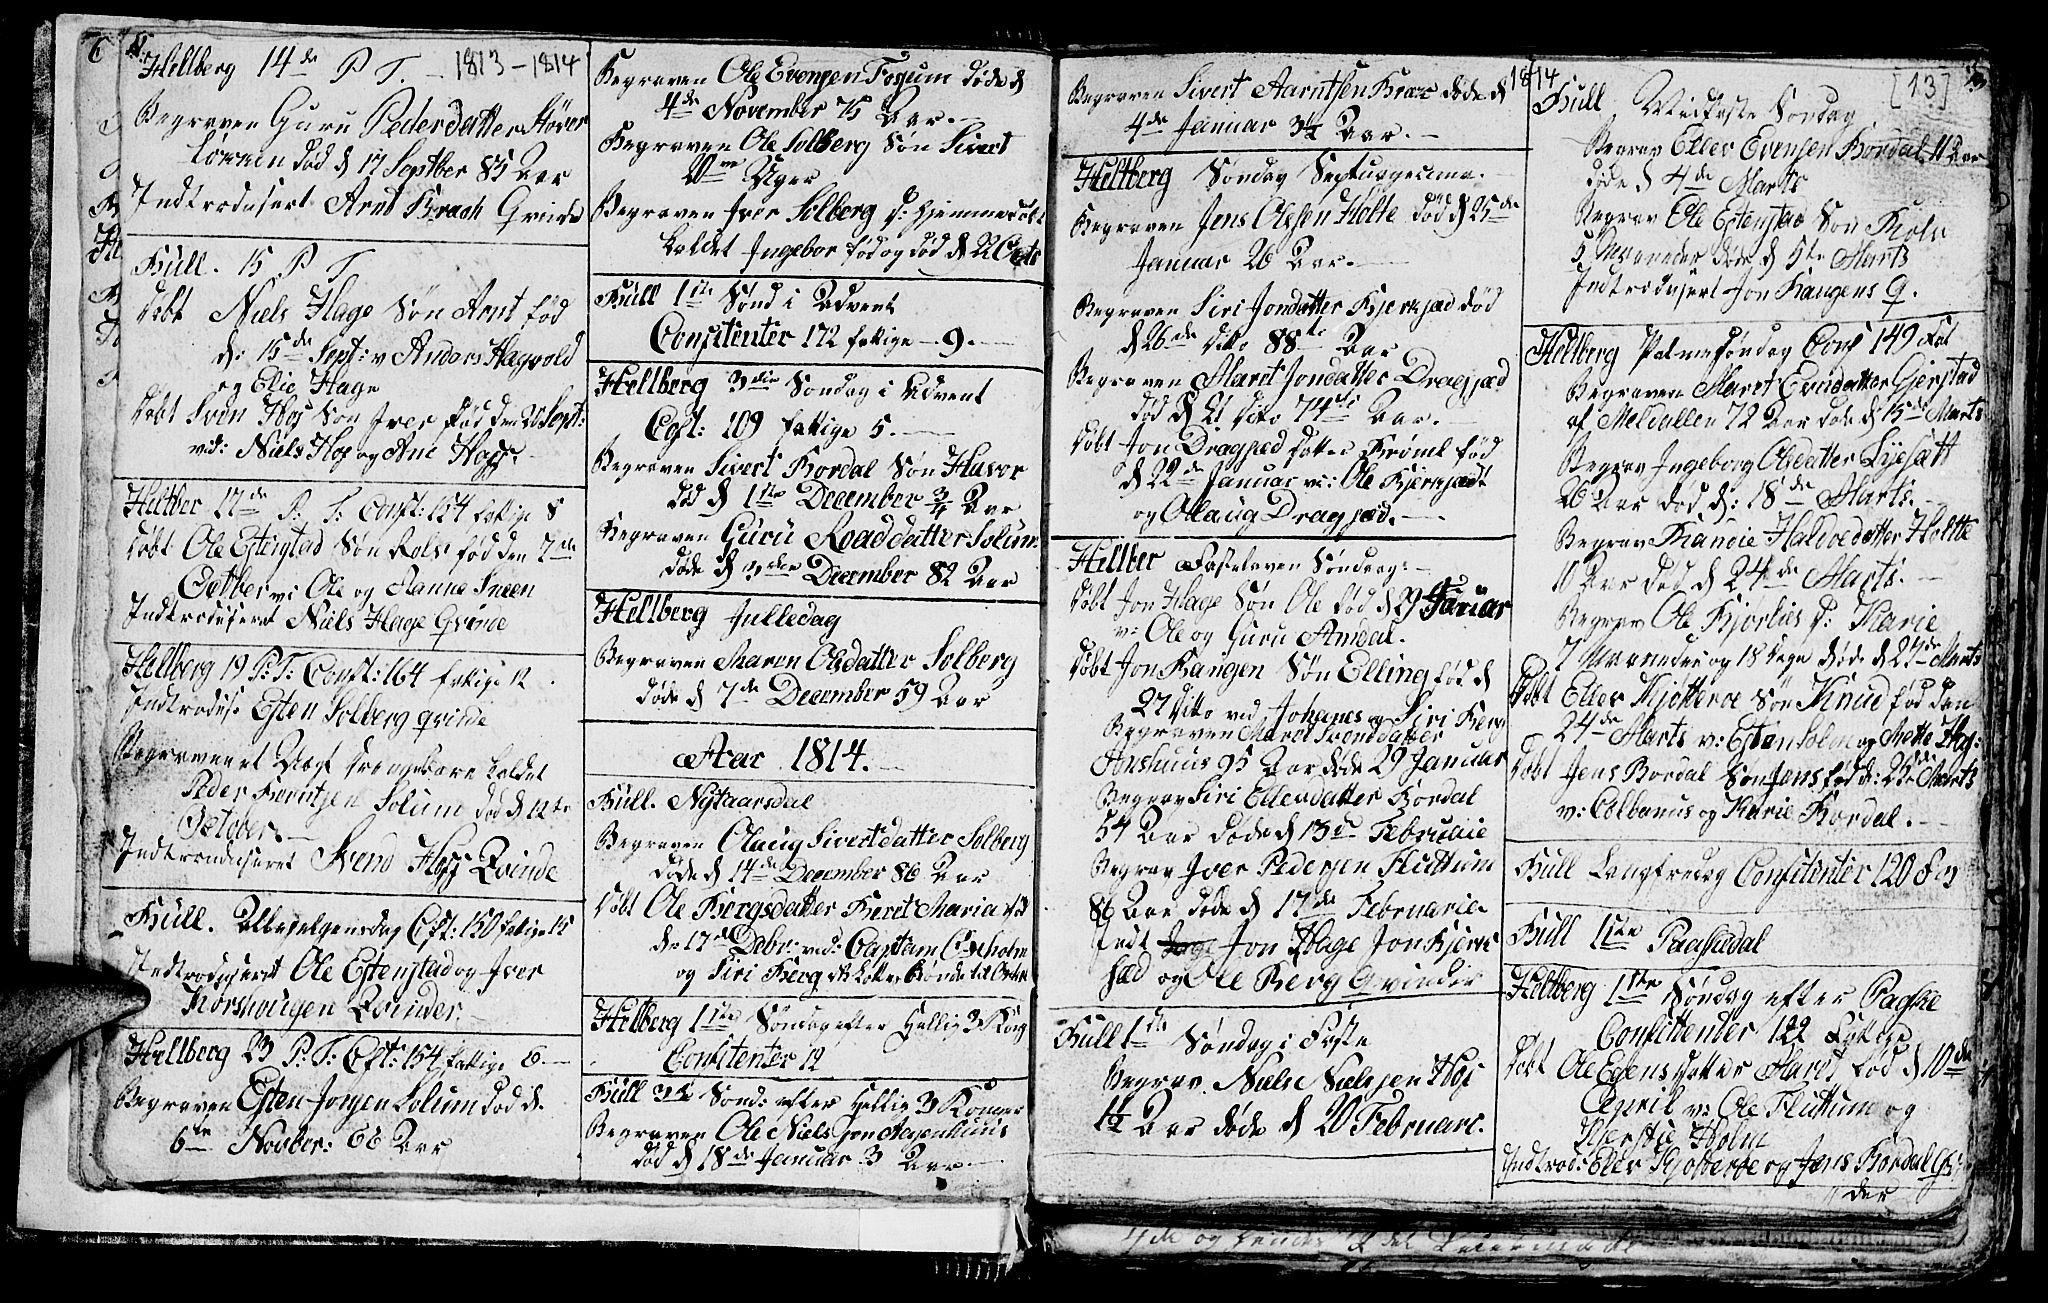 SAT, Ministerialprotokoller, klokkerbøker og fødselsregistre - Sør-Trøndelag, 689/L1042: Klokkerbok nr. 689C01, 1812-1841, s. 12-13